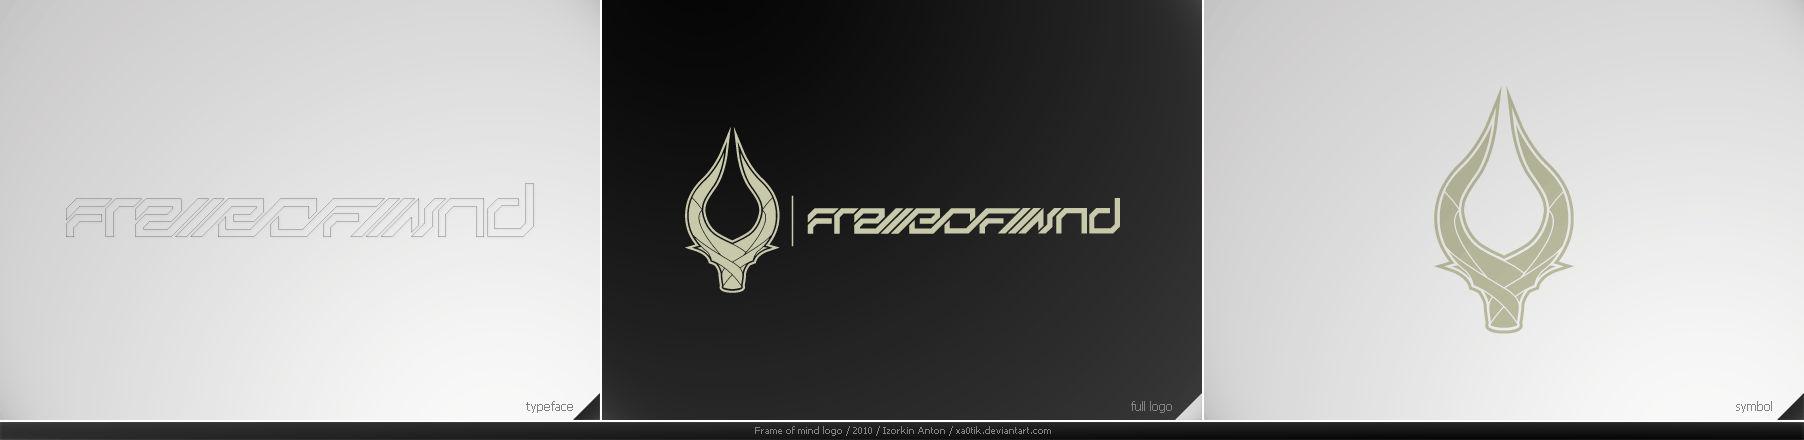 Frame of mind logo 1